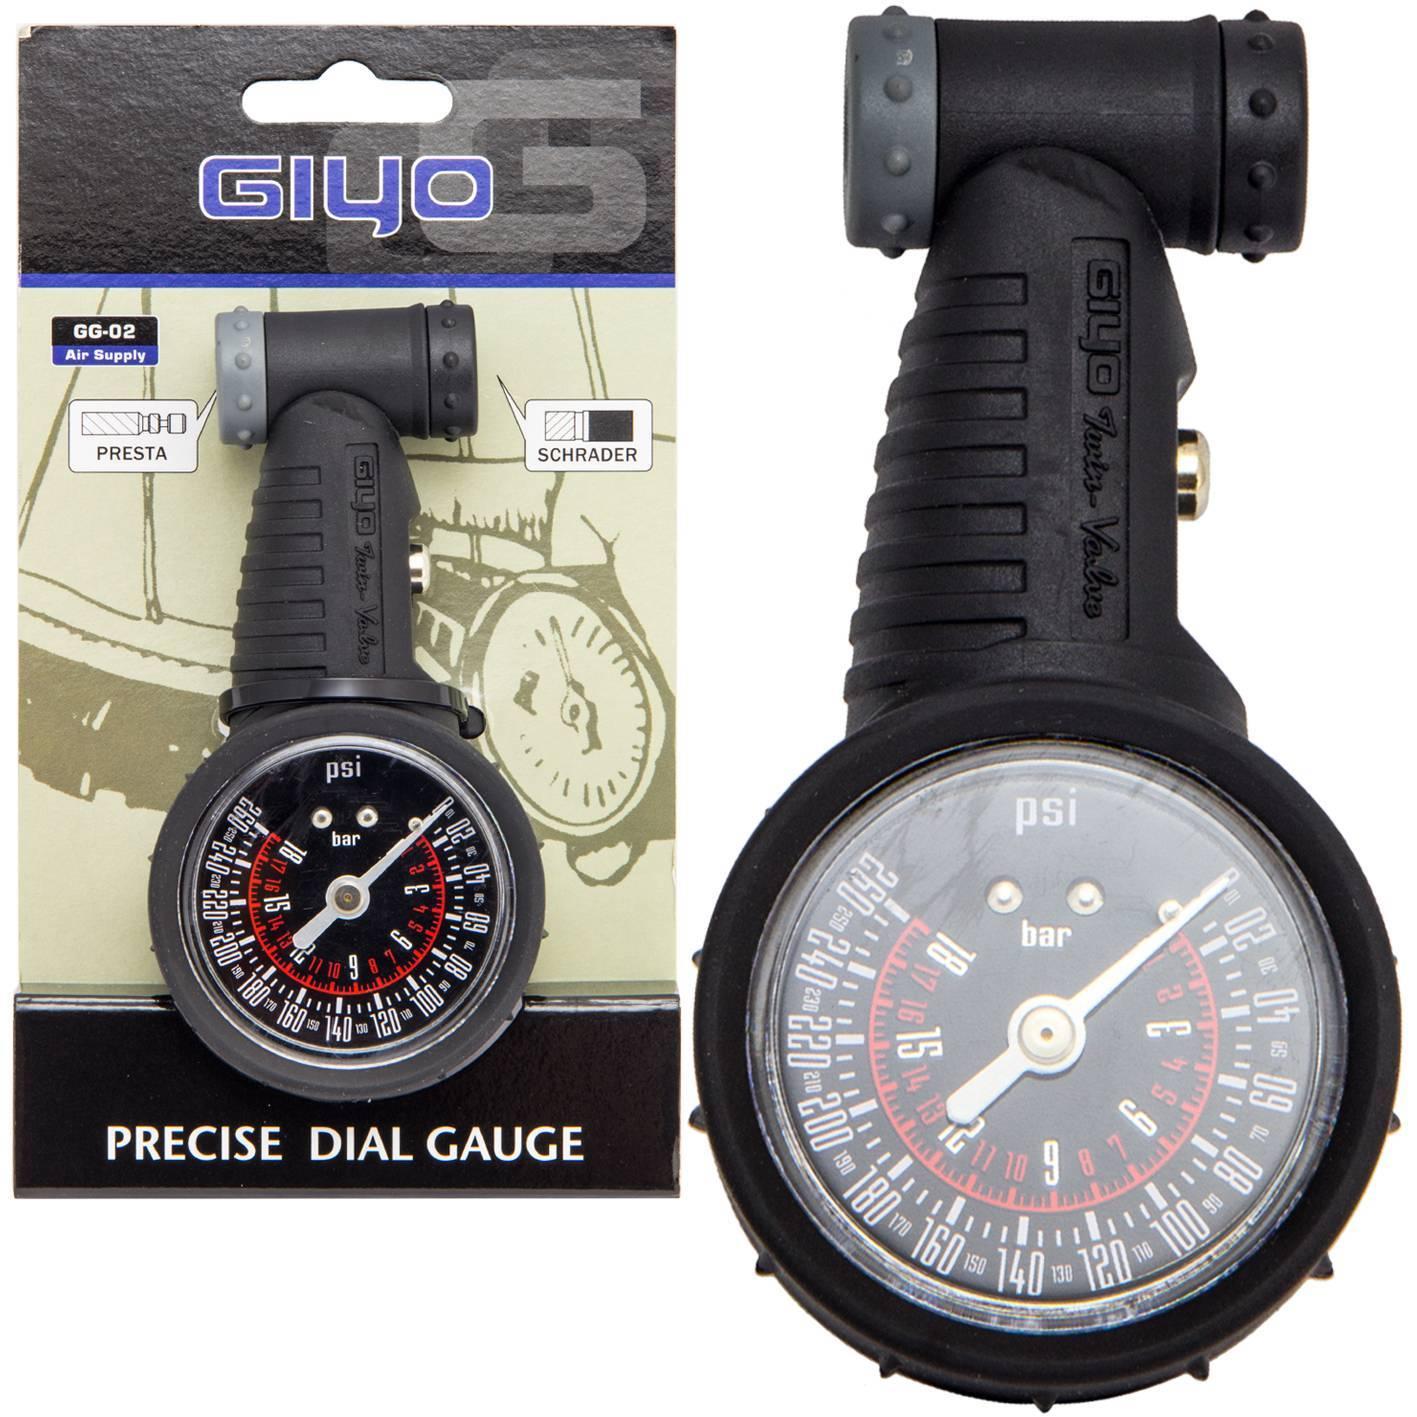 Medidor de Pressão de Pneu Giyo GG-02